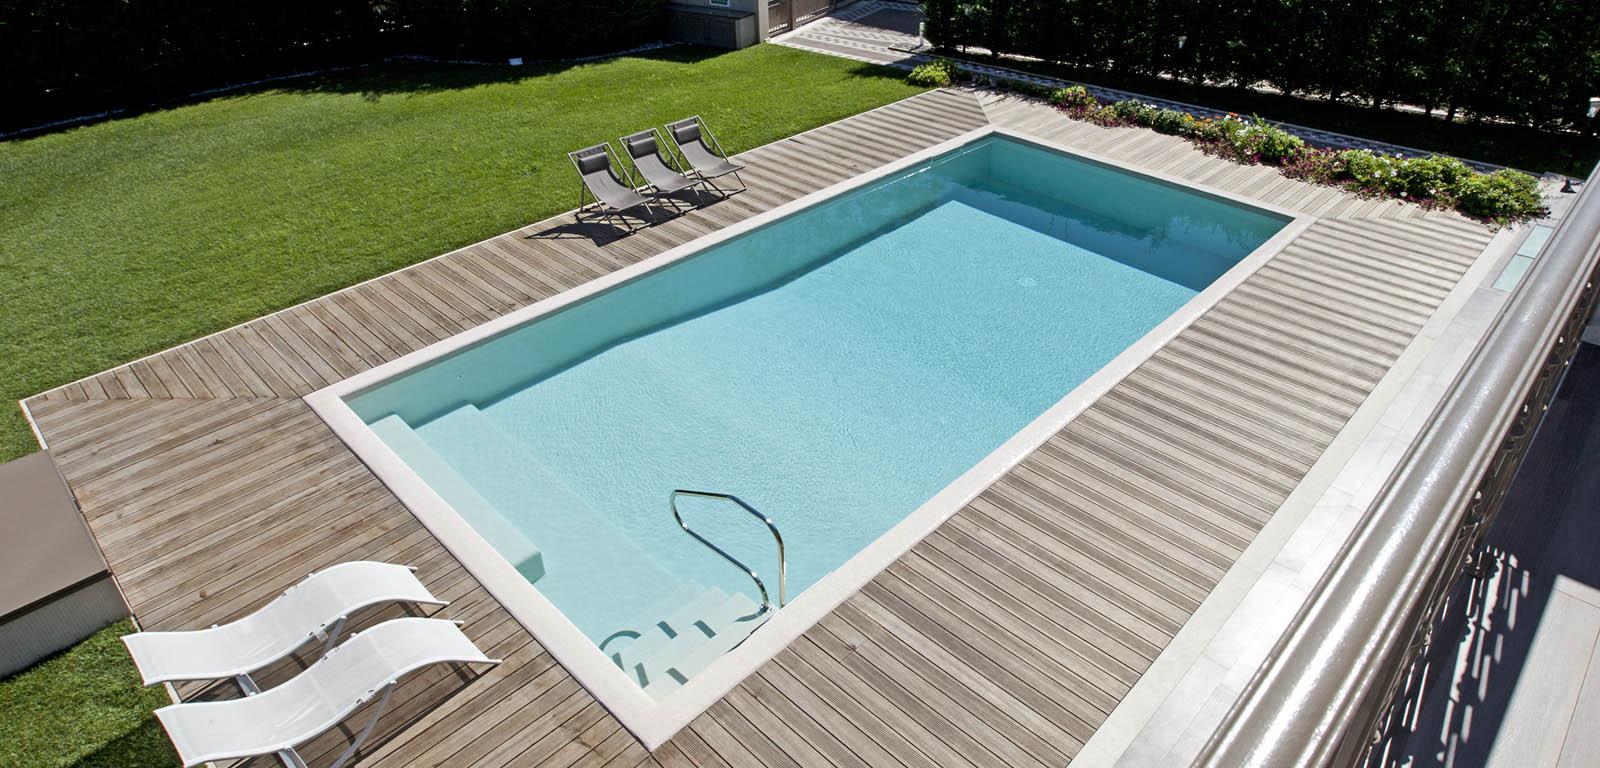 Piscine interrate vantaggi e prezzi piscine castiglione for Prix piscine beton 6x3